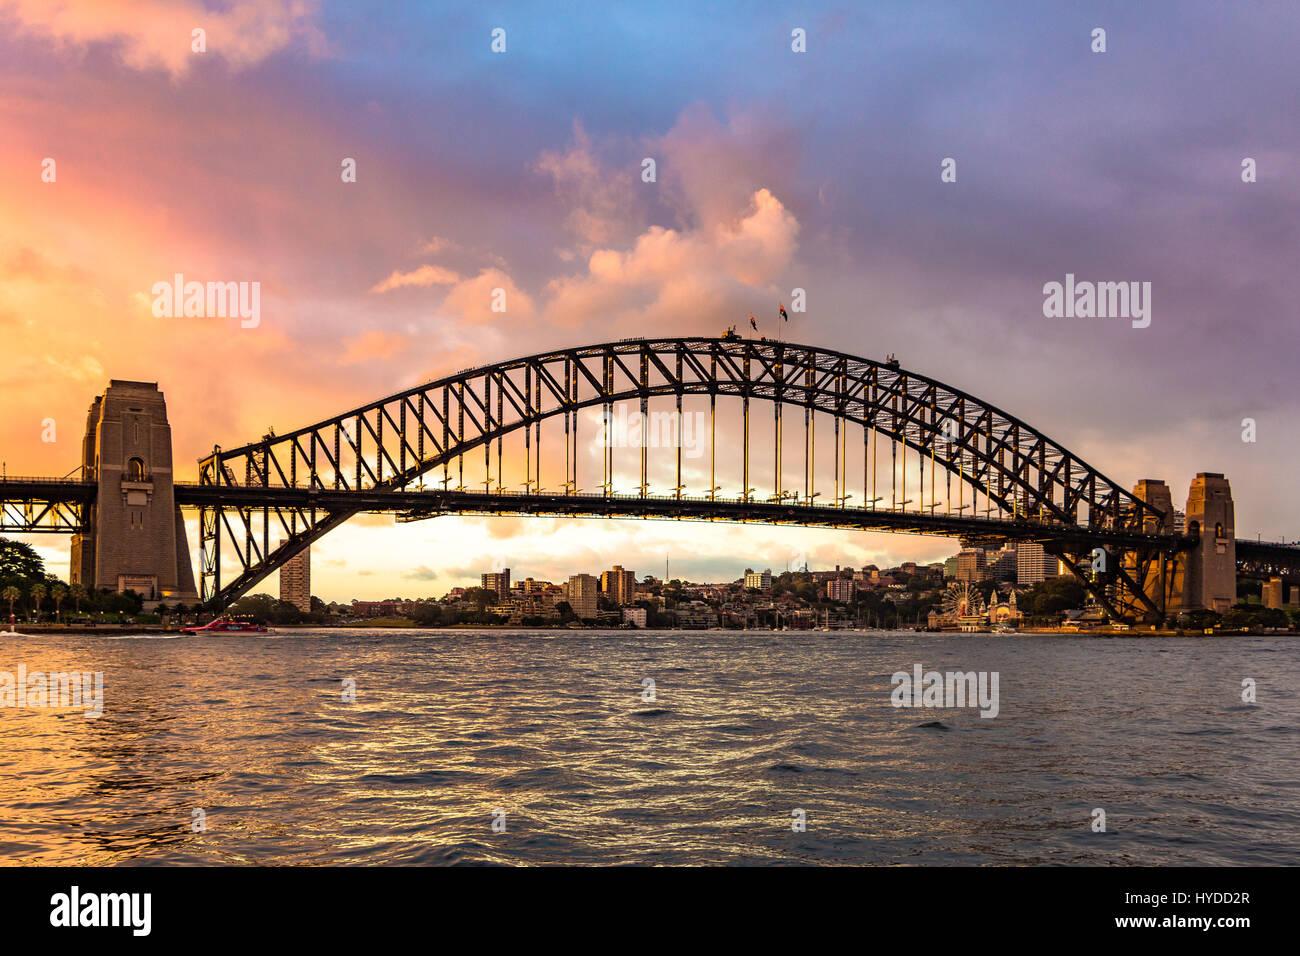 El puente Sydney Harbour Bridge, con un espectacular cielo Imagen De Stock